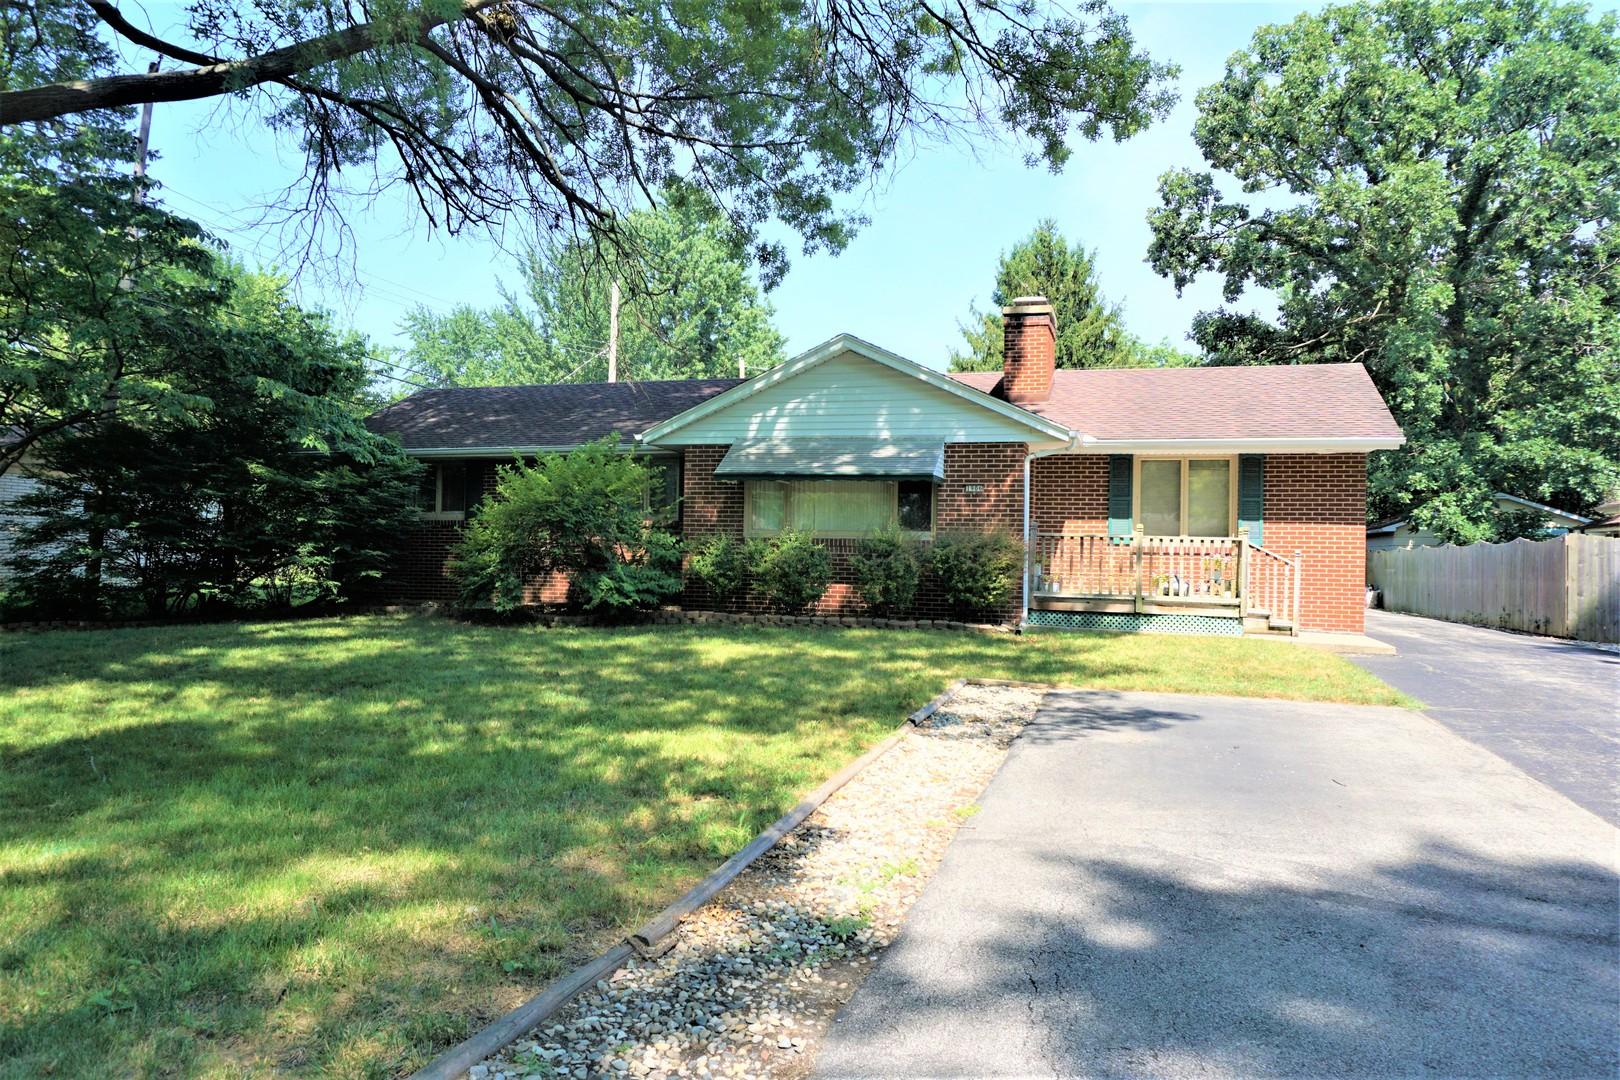 1906 Bellamy Drive, Champaign in Champaign County, IL 61821 Home for Sale